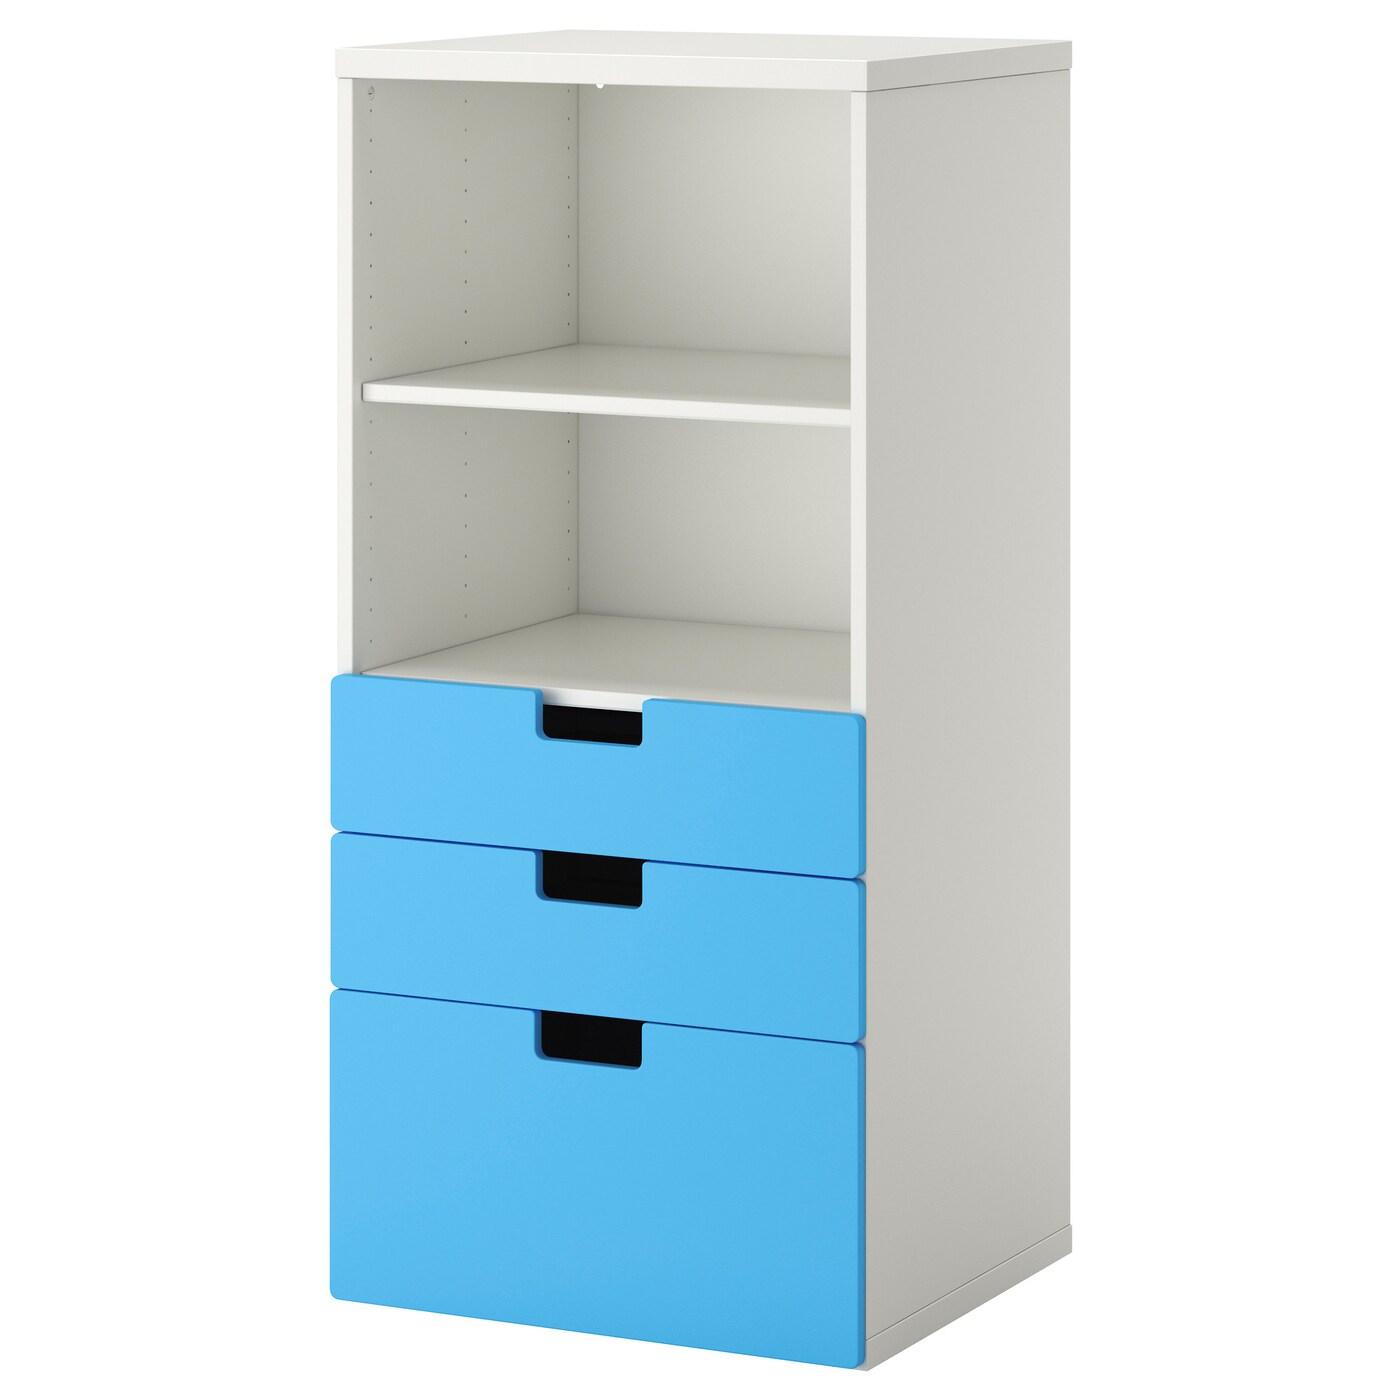 stuva von ikea online kaufen hublery. Black Bedroom Furniture Sets. Home Design Ideas